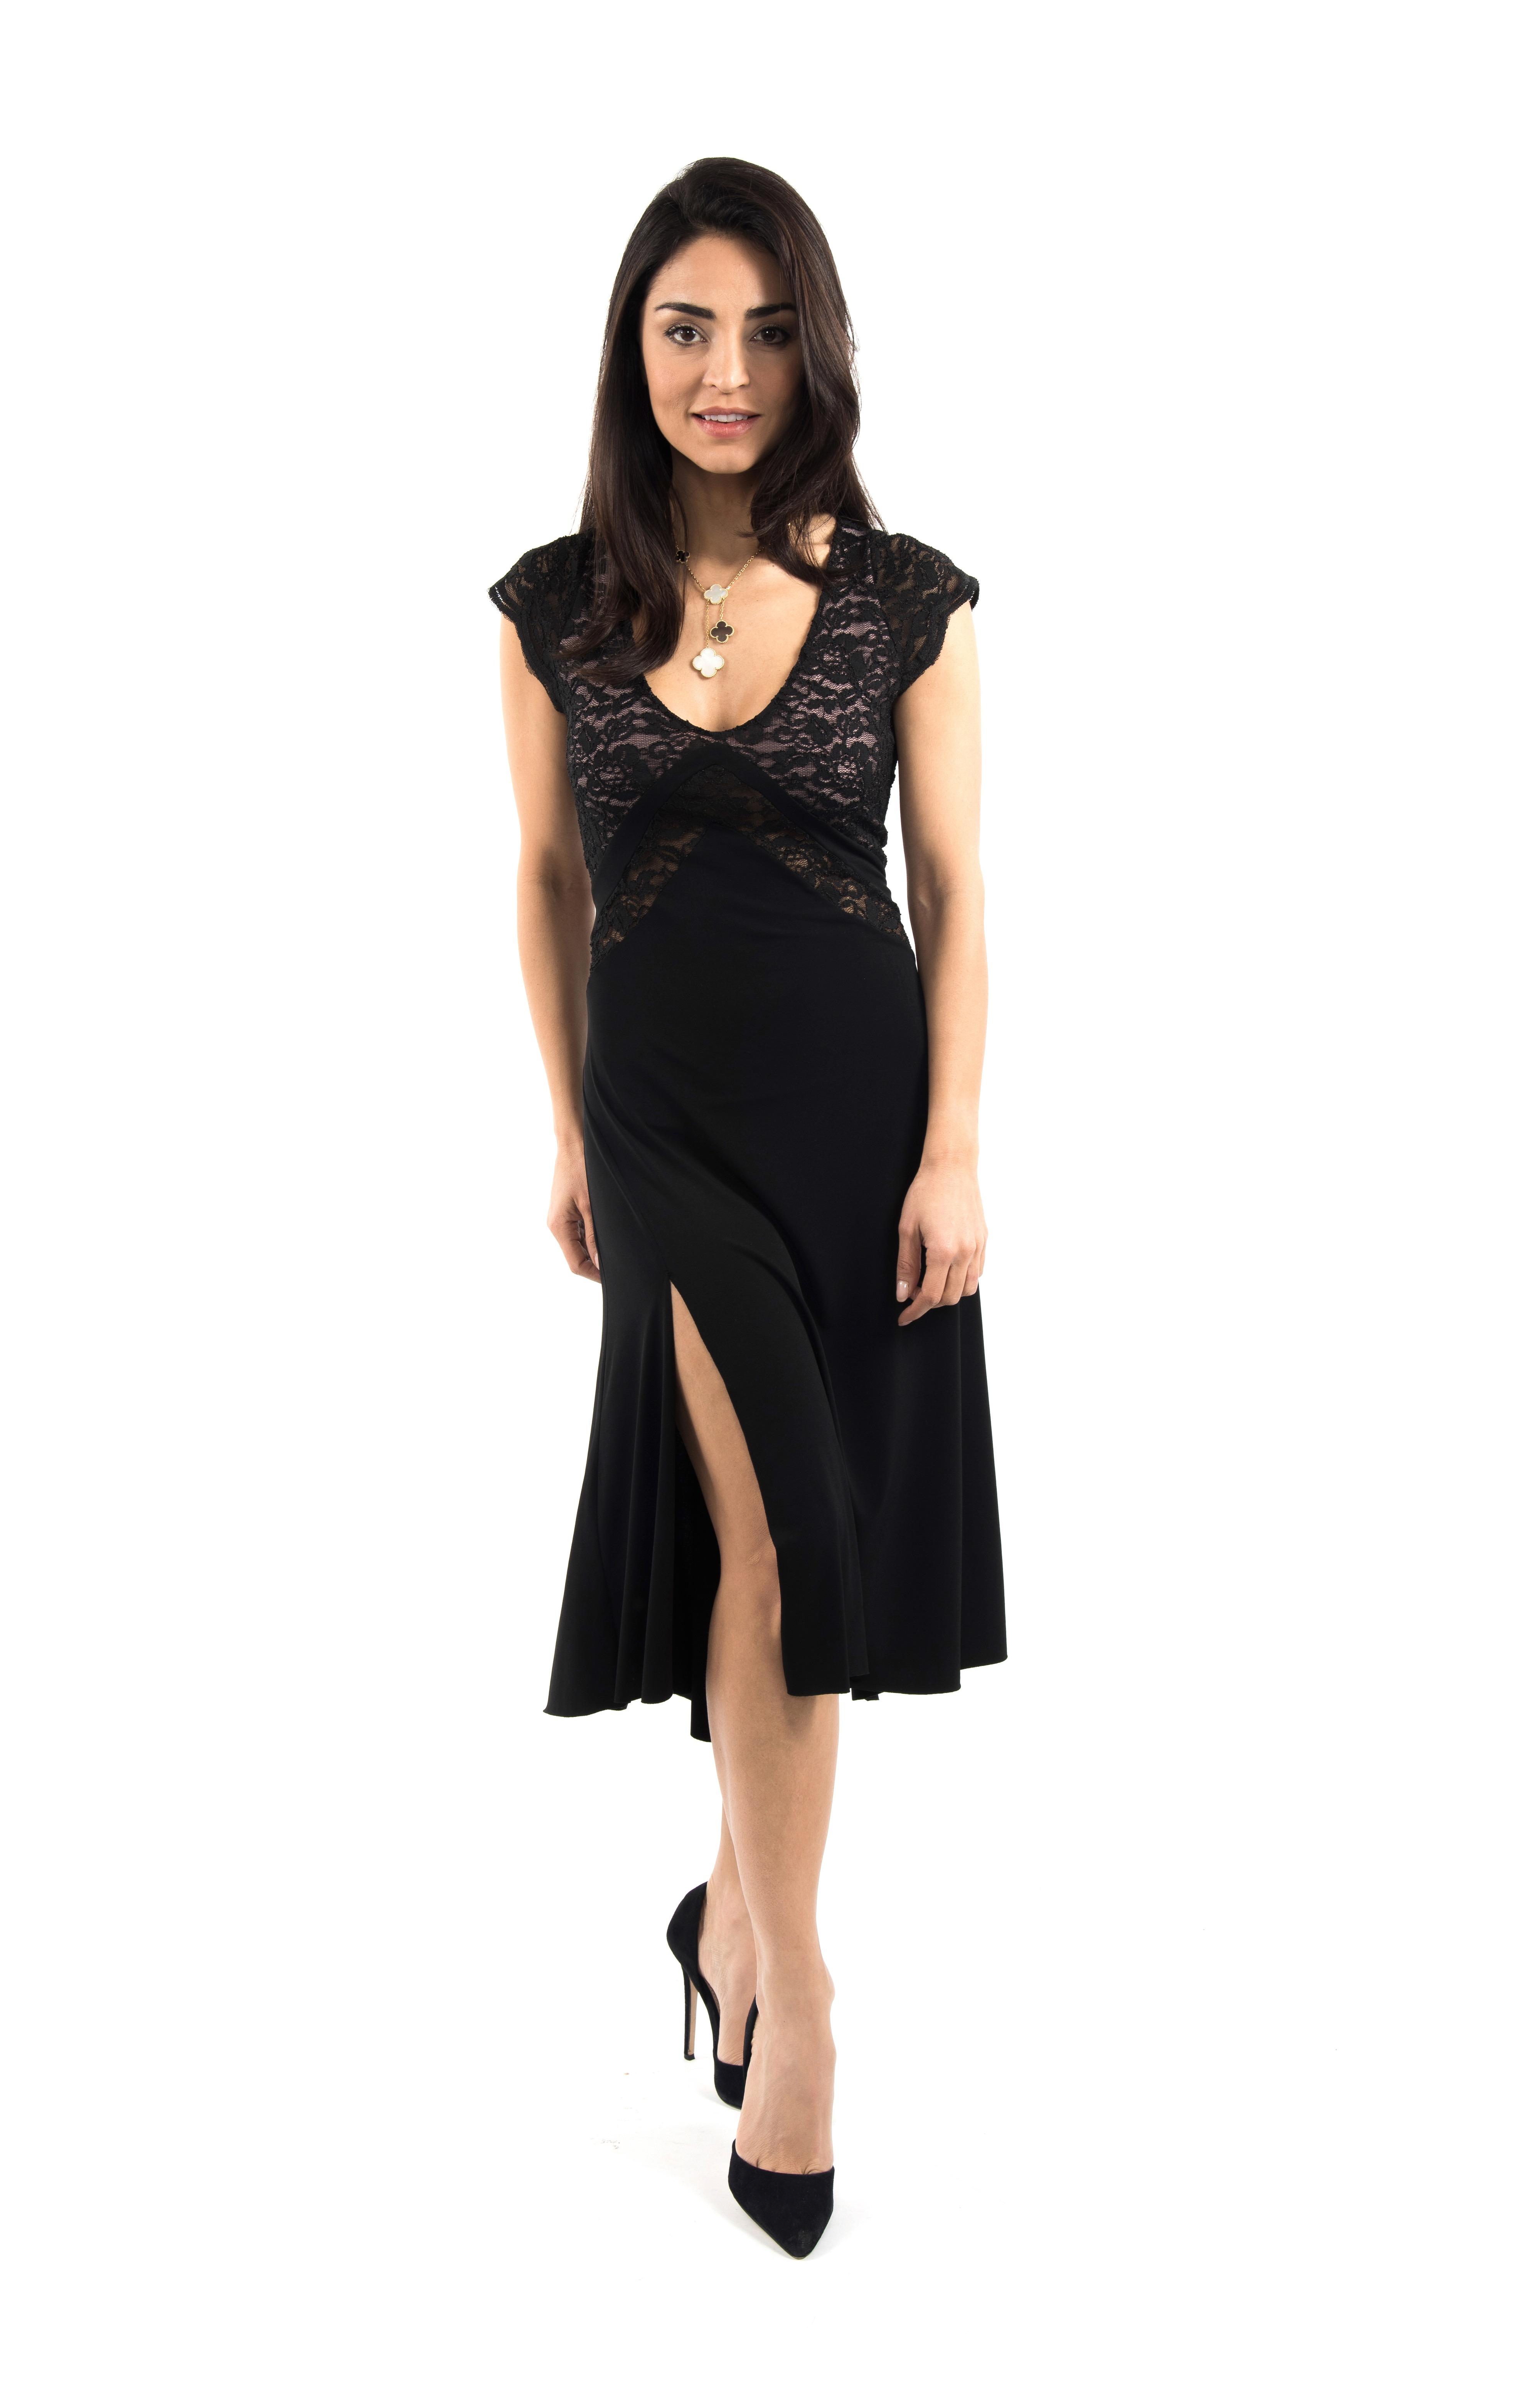 Argentine Tango Dresses Tango Clothing On Sale Worldwide United States